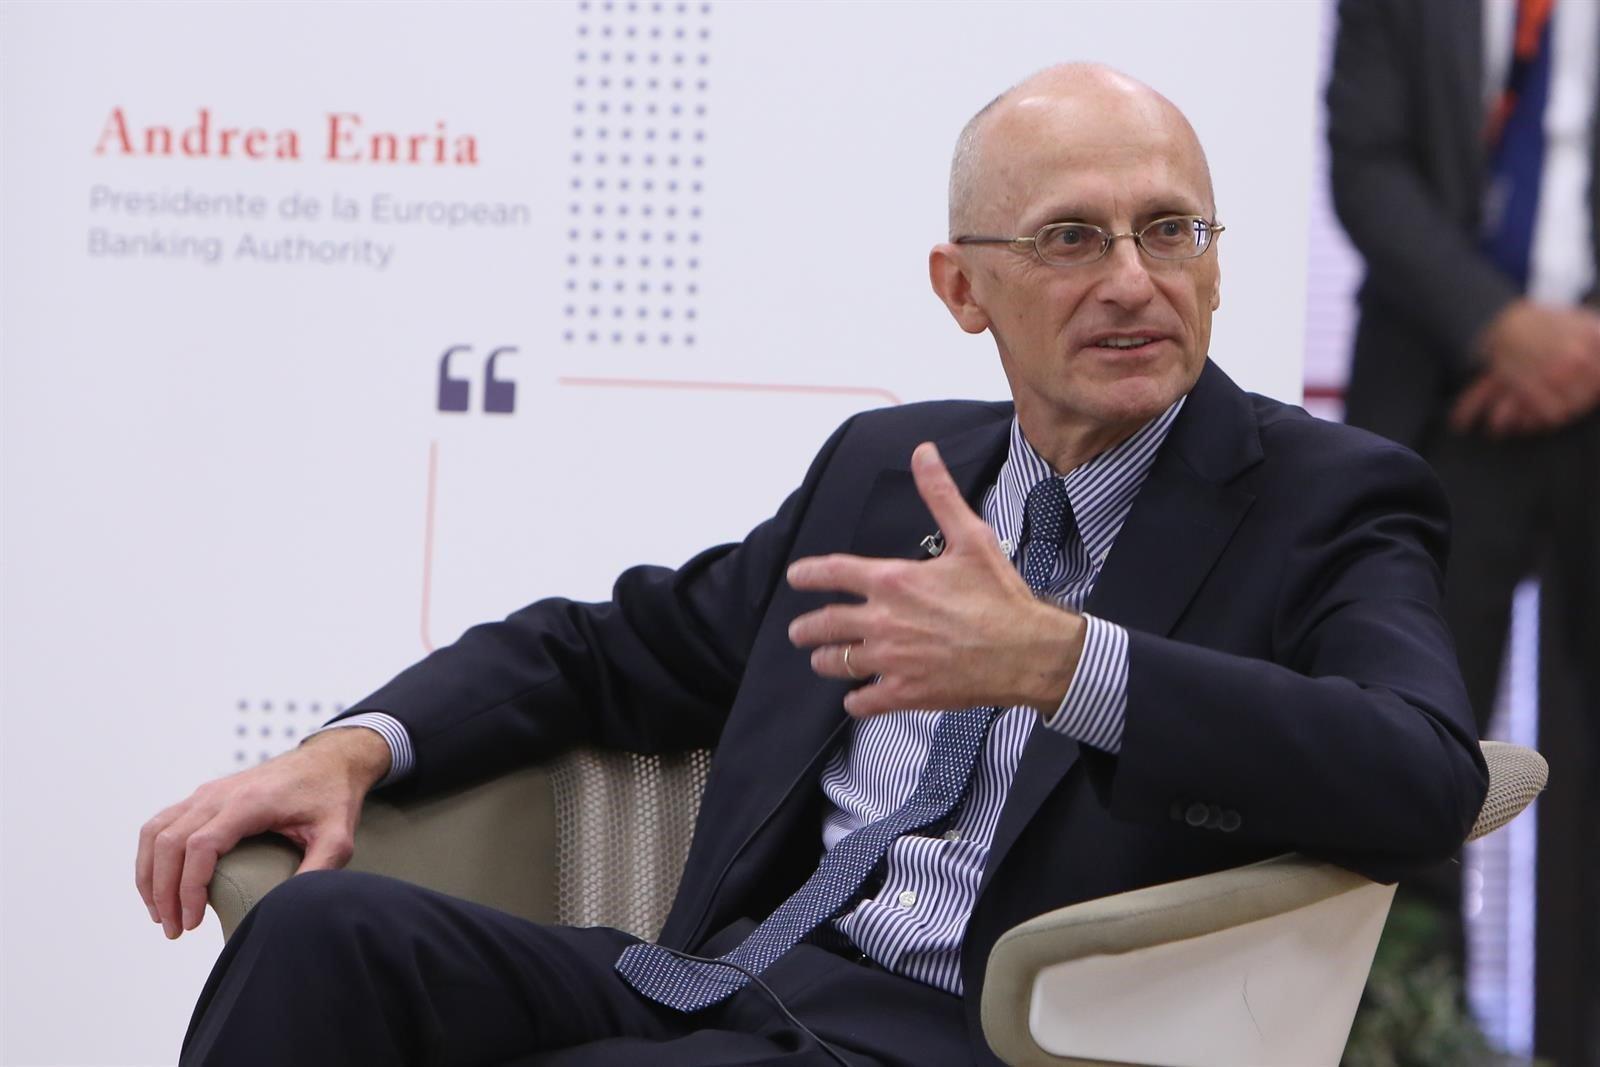 Andrea Enria quiere que haya menos bancos en Europa y anima a las fusiones